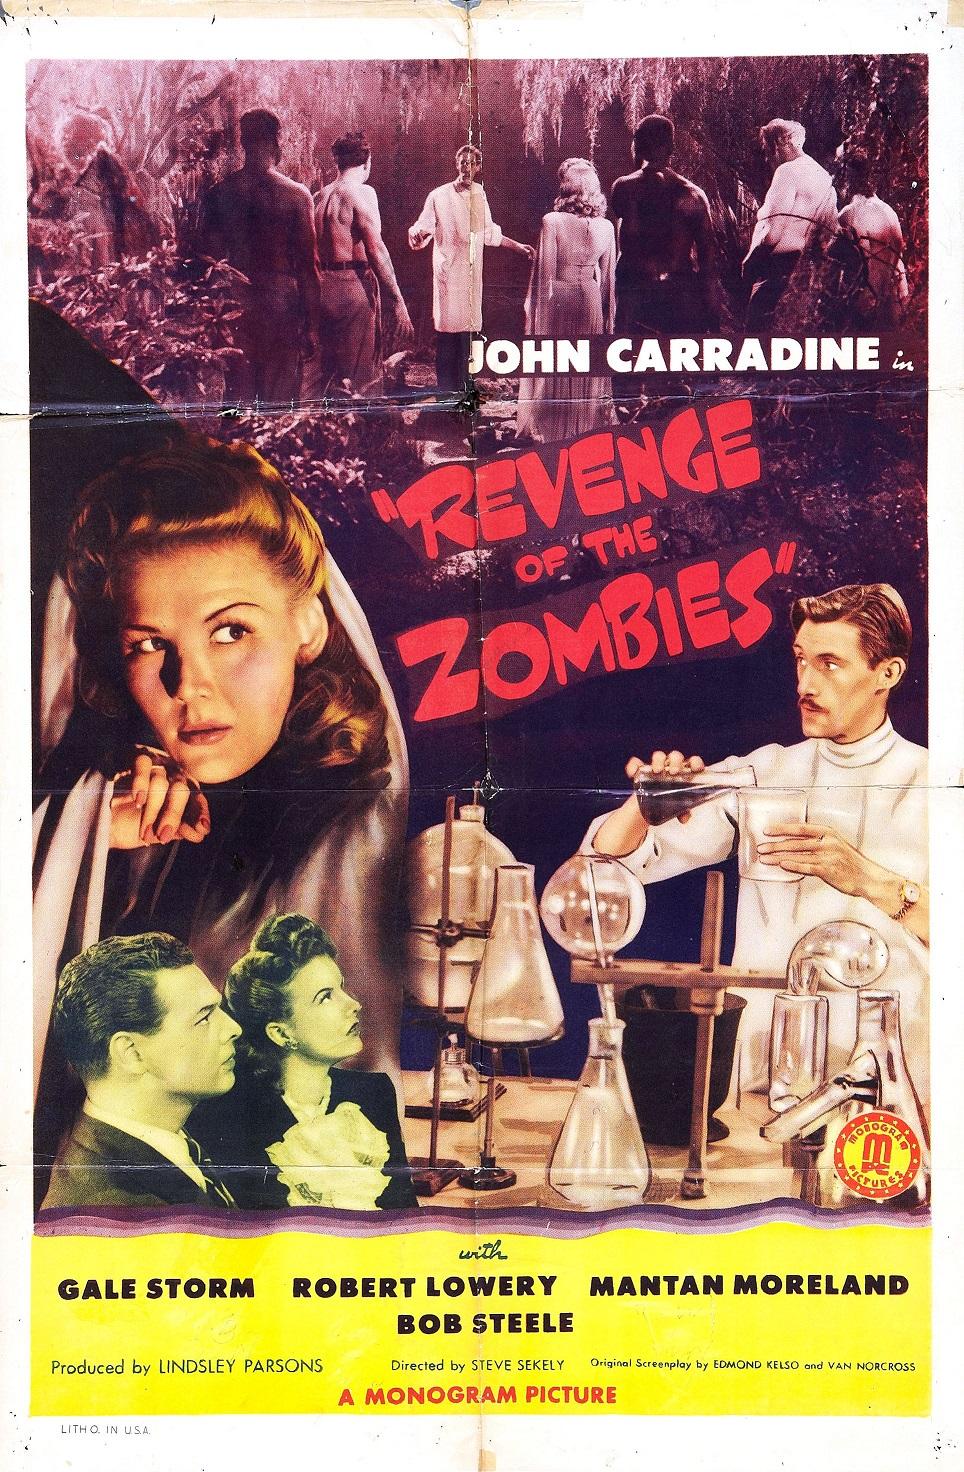 revenge-of-the-zombies-1kite44revenge-of-the-zombies-1revenge-of-the-zombies-16revenge-of-the-zombies-13revenge-of-the-zombies-3